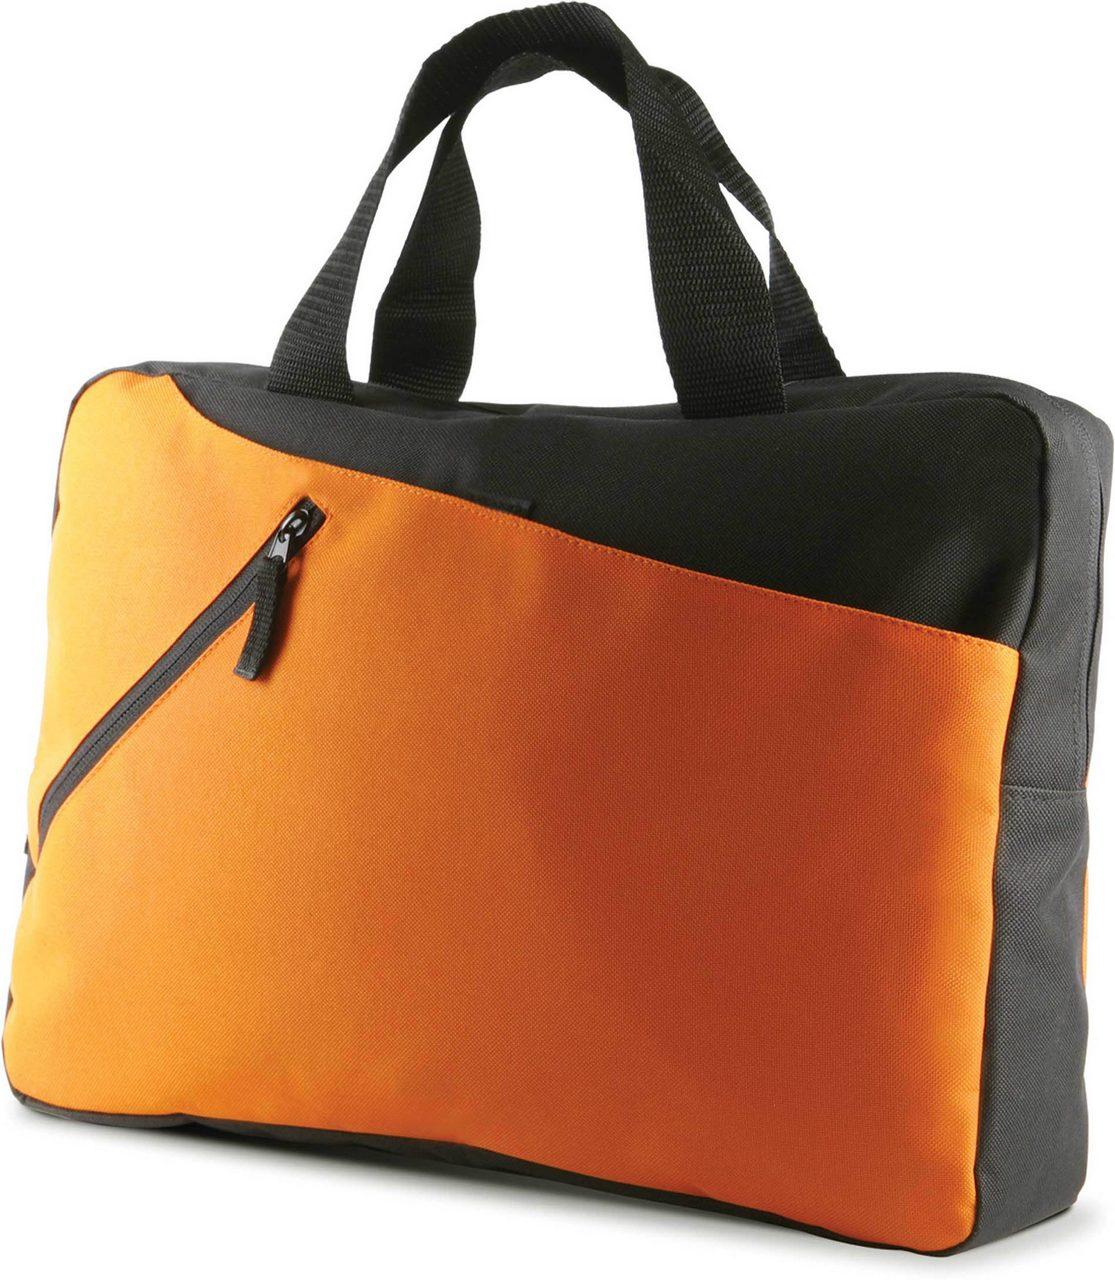 Geanta KI0402 negru portocaliu Genti rucsacuri personalizate conferinta laptop sport compartiment serigrafie broderie termotransfer